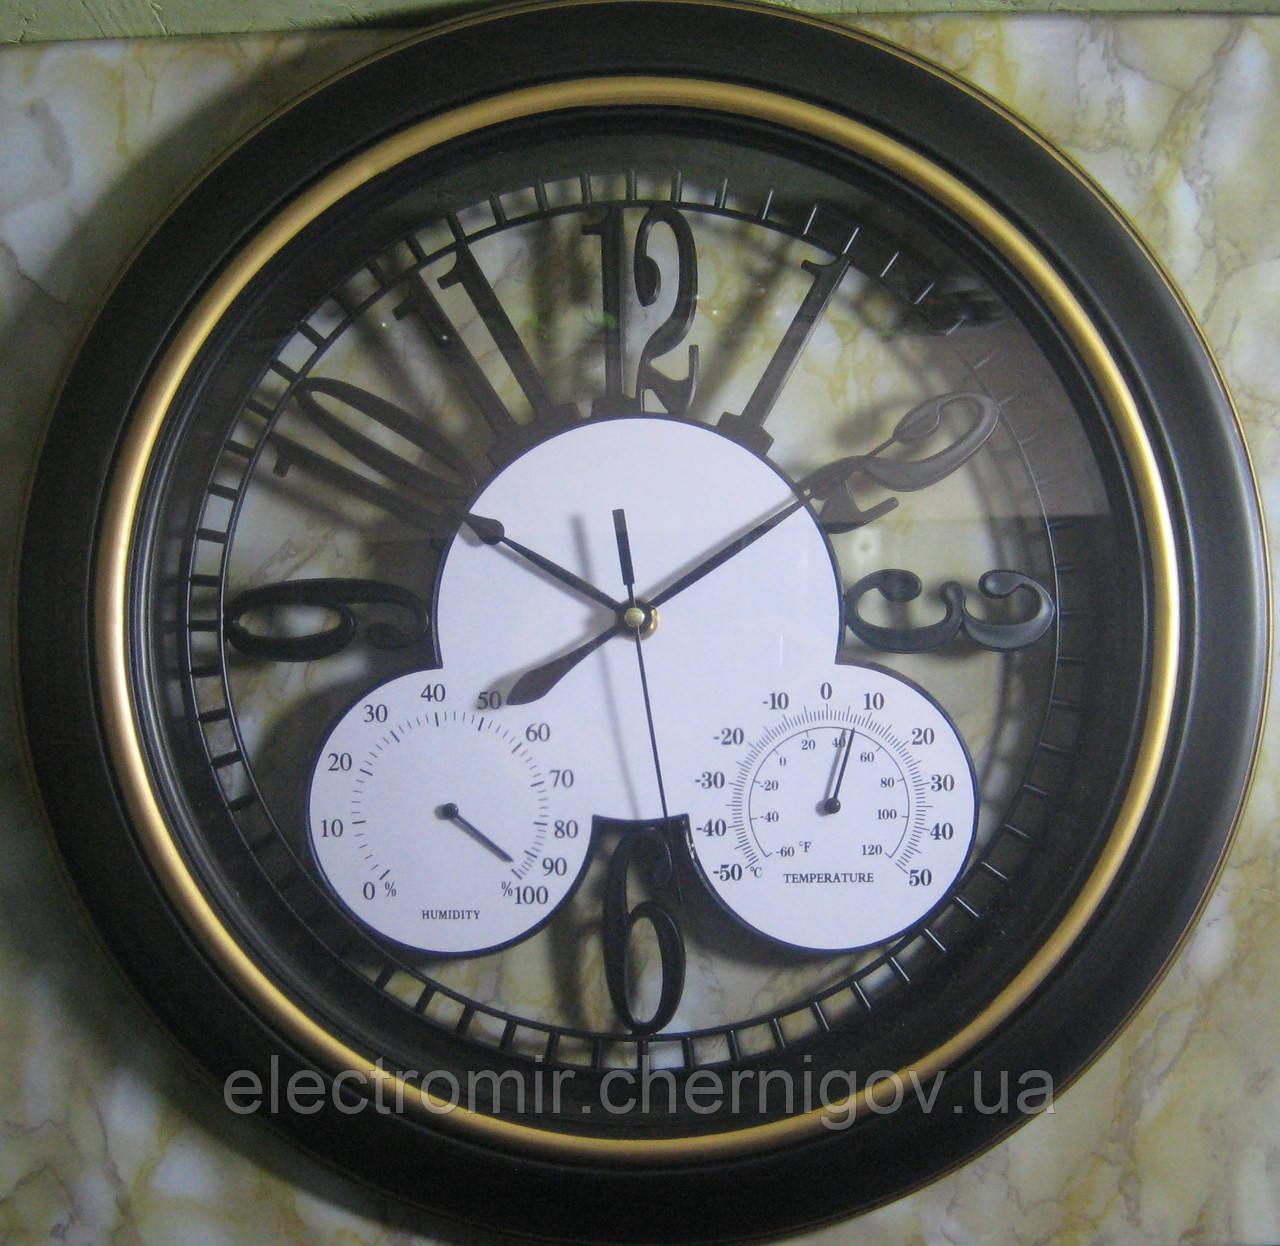 Годинники настінні з барометром RL-1618 (40 см діаметр)